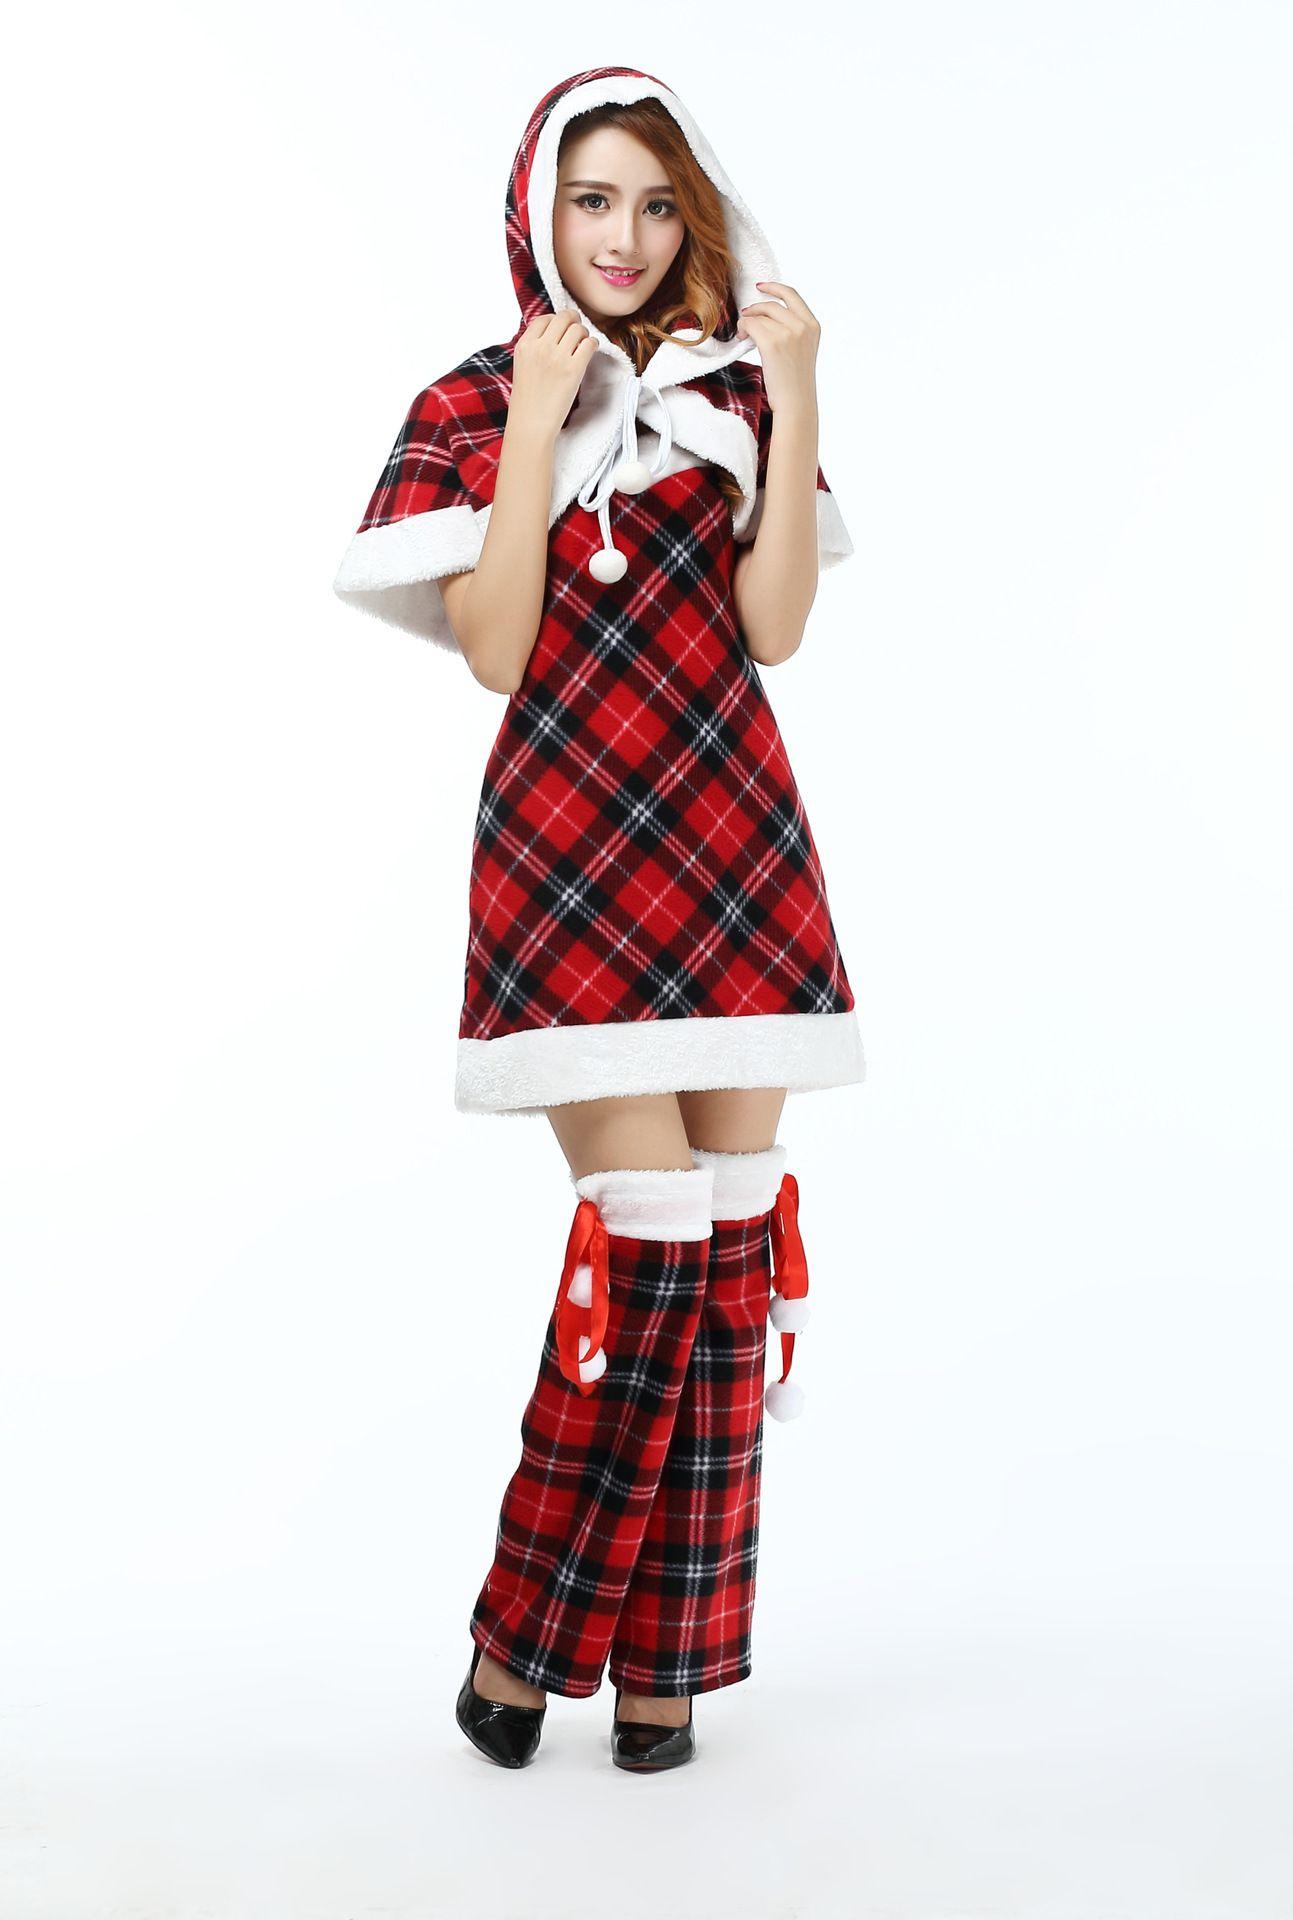 Новый Талисман Женщины Рождественское Платье Новых Женщин Сексуальный Красный Плед Рождество Рождество Праздник Миссис Санта-Клаус Костюмы Костюмы Фантазии